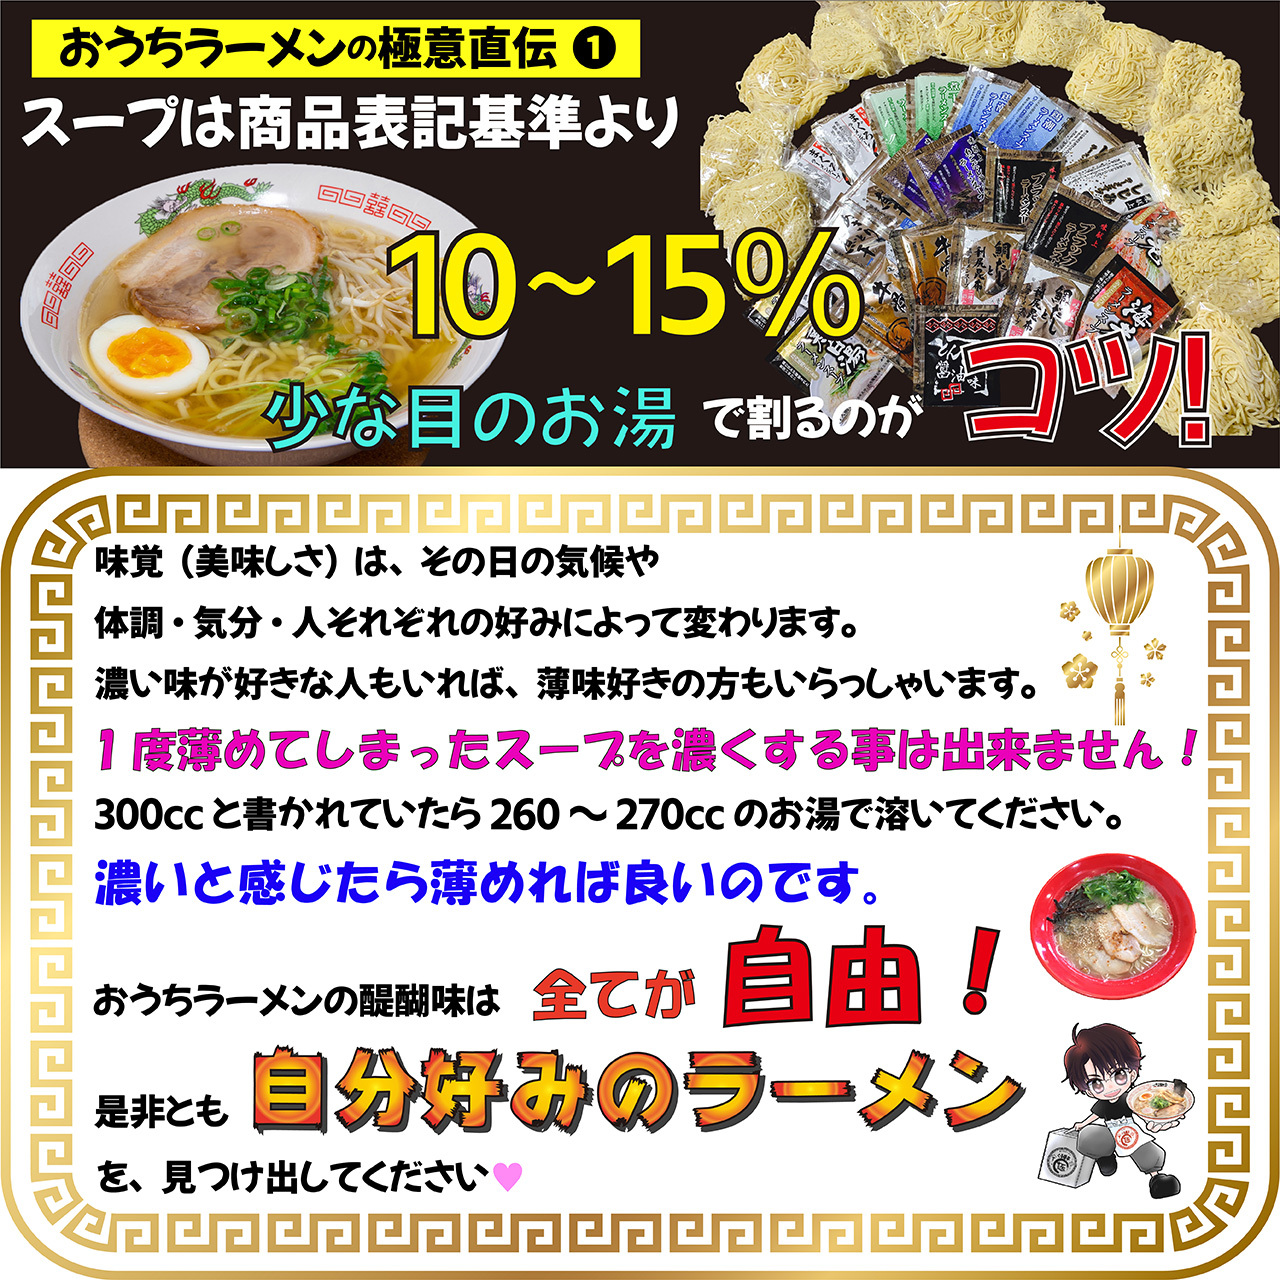 ご当地醤油ラーメン 4種4食 詰合せ 食べ比べ バラエティーセット 送料無料 常温保存 生麺 110gx4 スープ付き